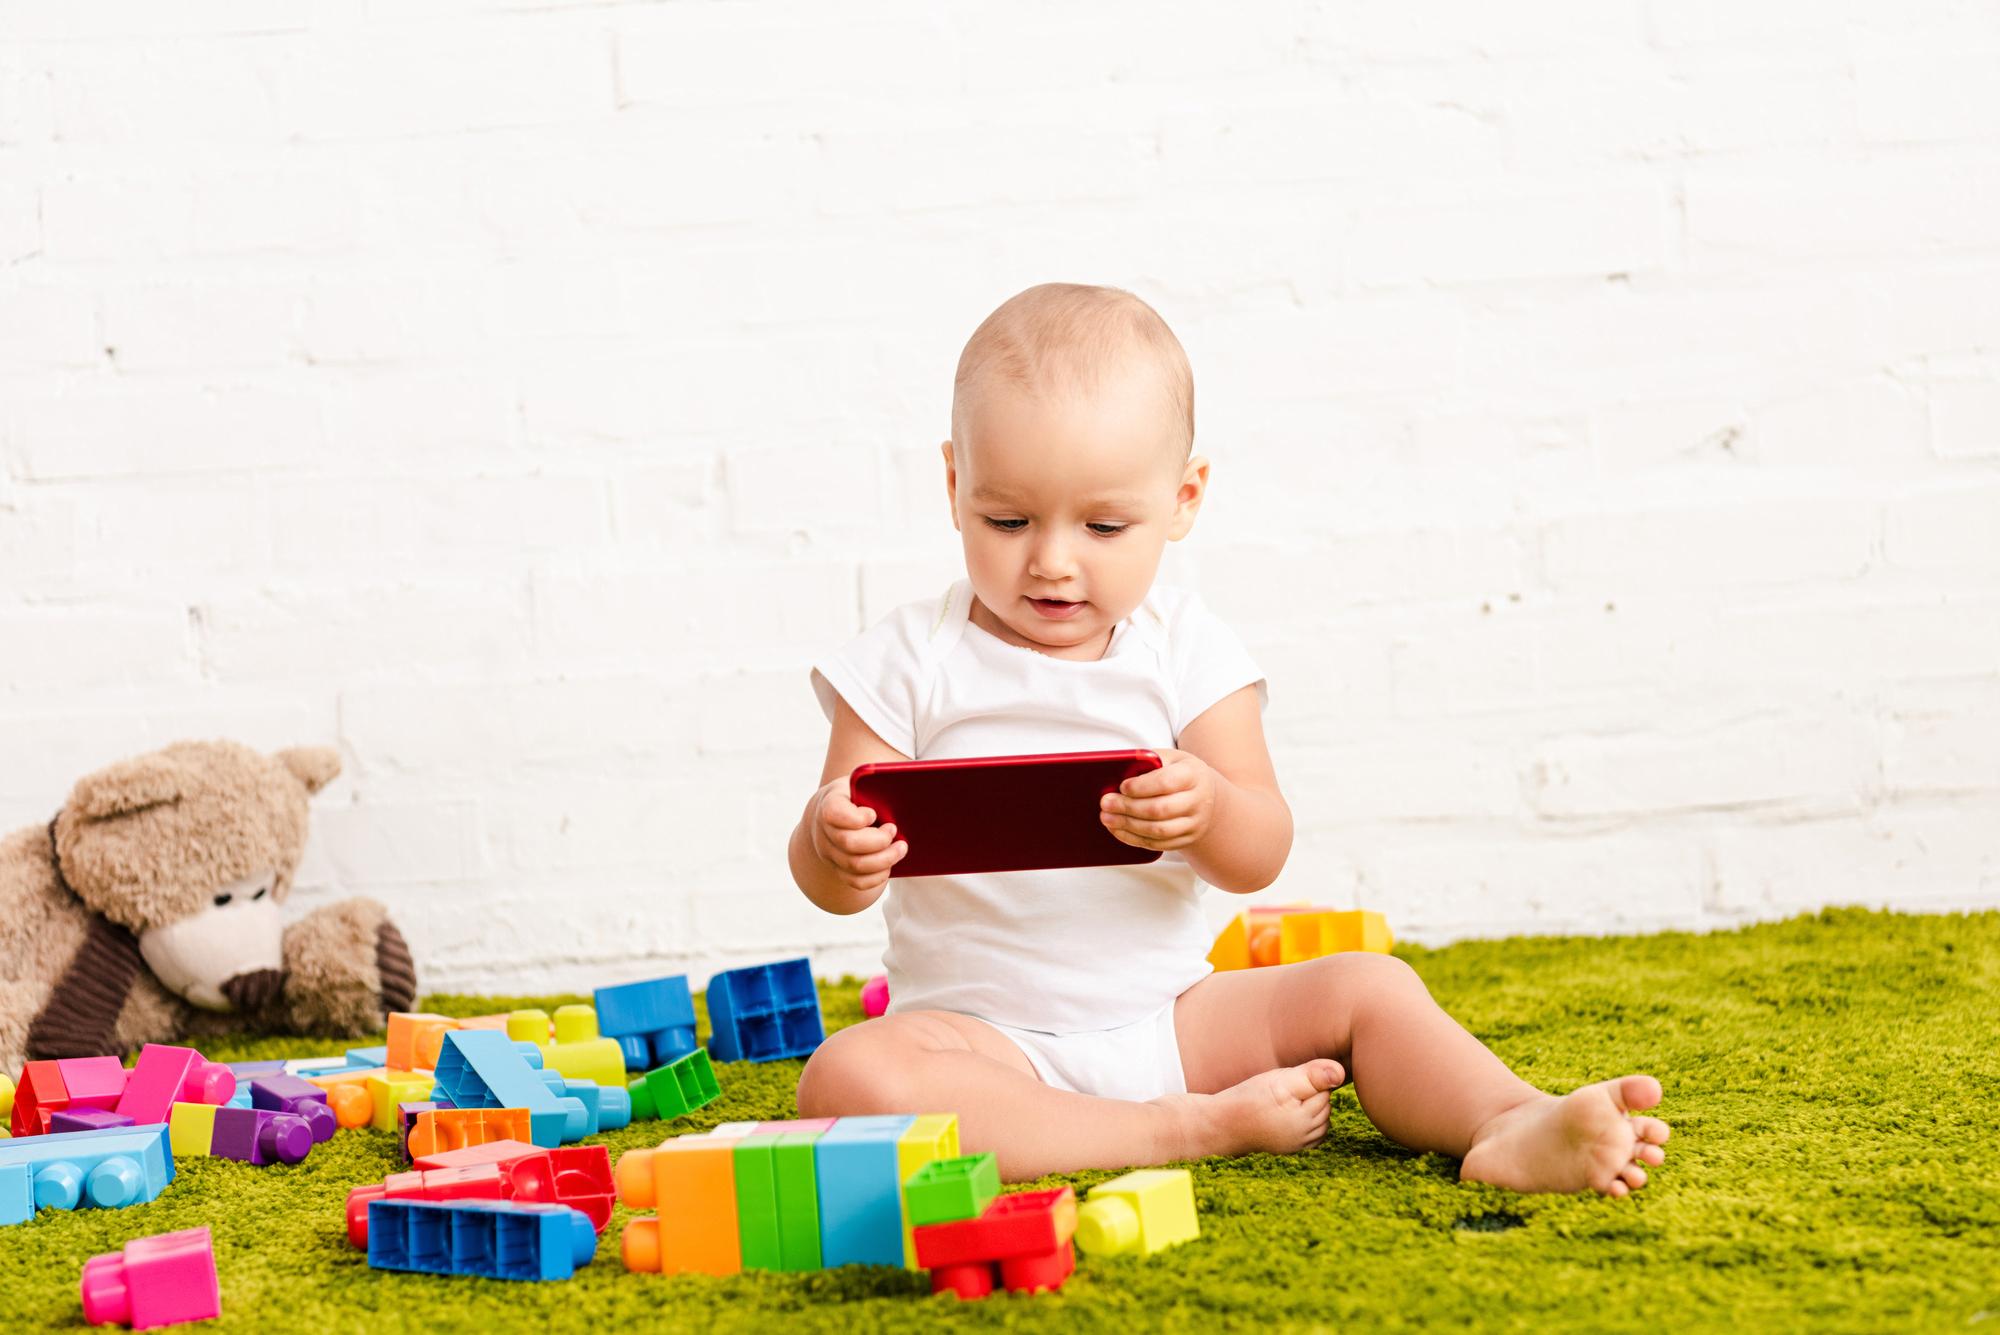 TV voor een baby – Waarom moet je het voorkomen?